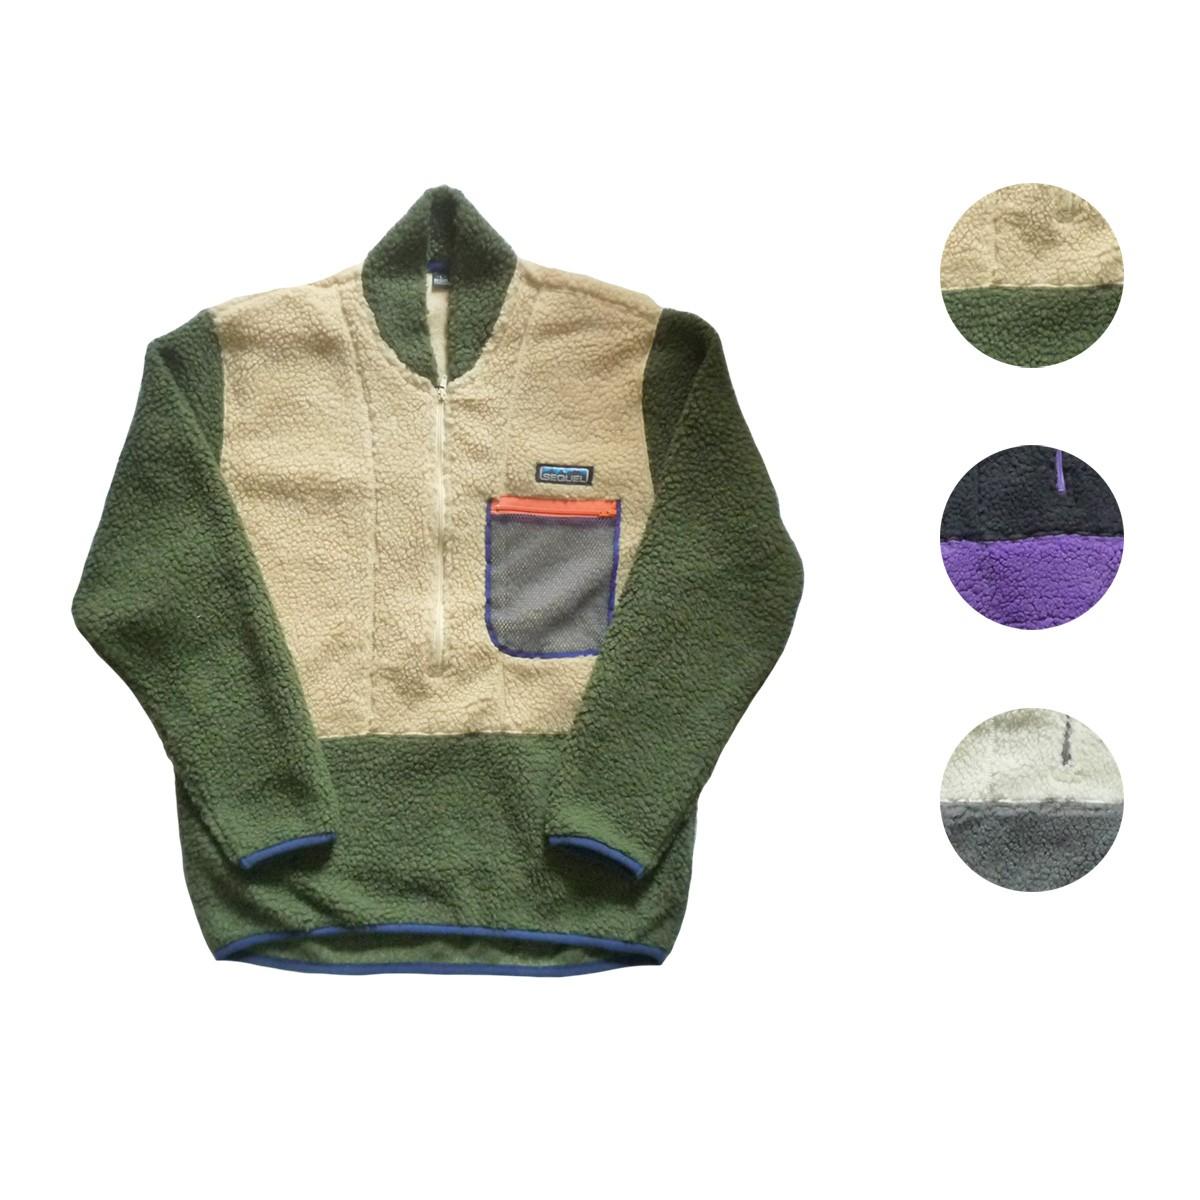 画像1: 【セール 60%OFF】SEQUEL シークエル ロックパイル ベストチェンジジャケット 全3色 メンズ (1)